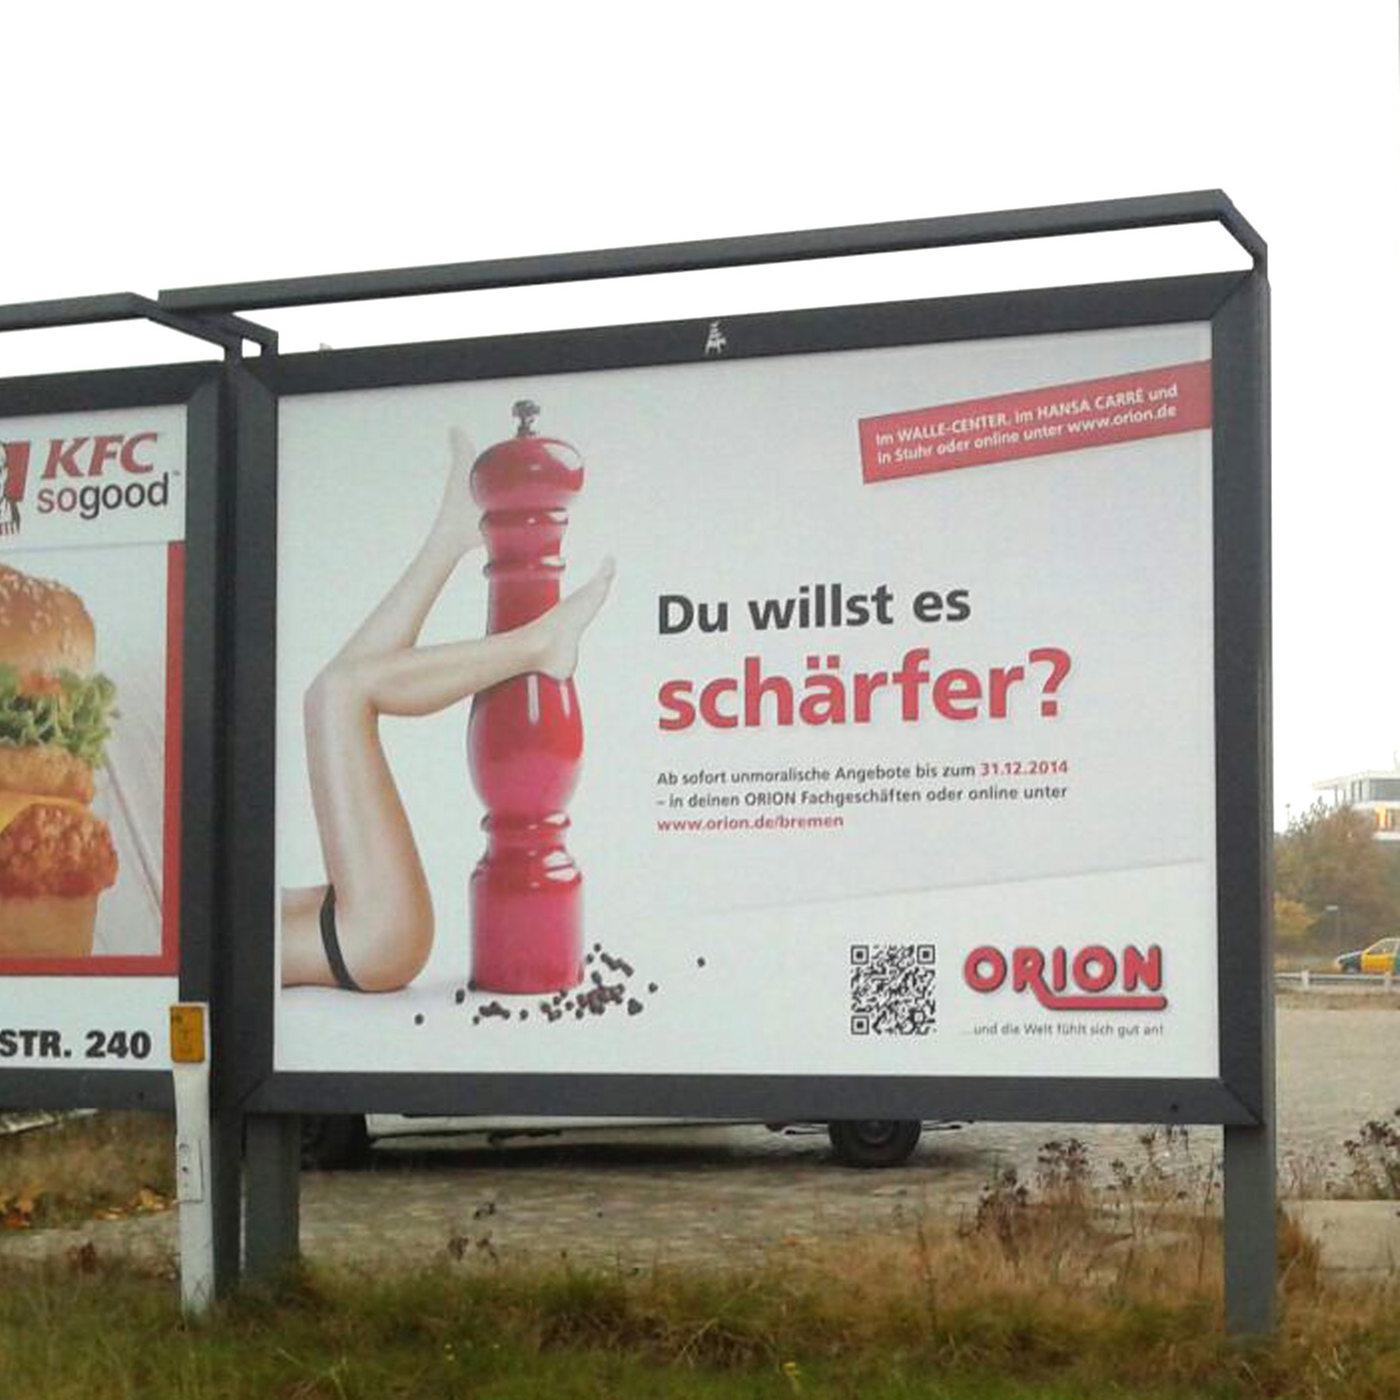 ein sexistisches plakat mit werbung fur eine pfeffermuhle quelle zgf privat